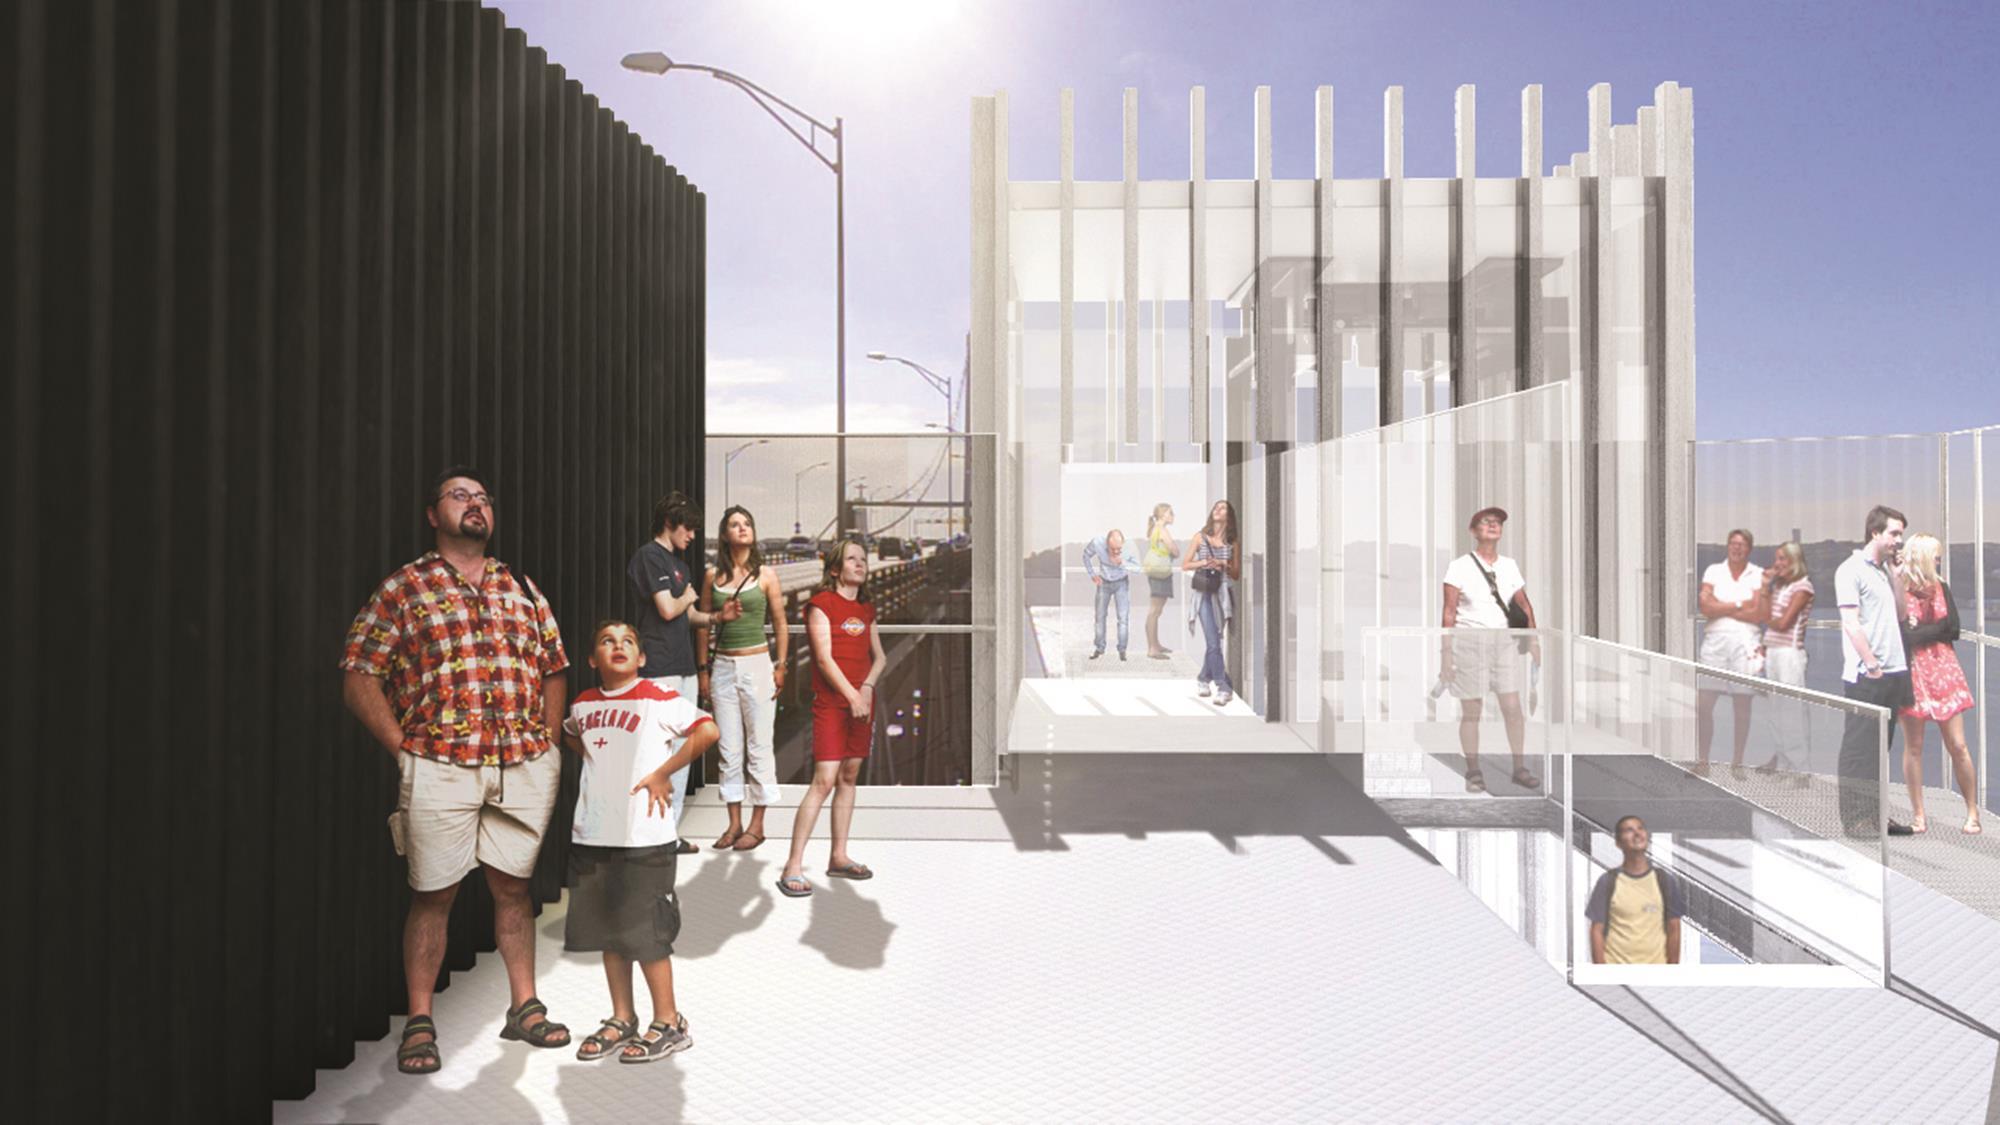 Centro Interpretativo da Ponte 25 Abril_ ©Imagens Projeto P-06 Atelier (12) (Copy)